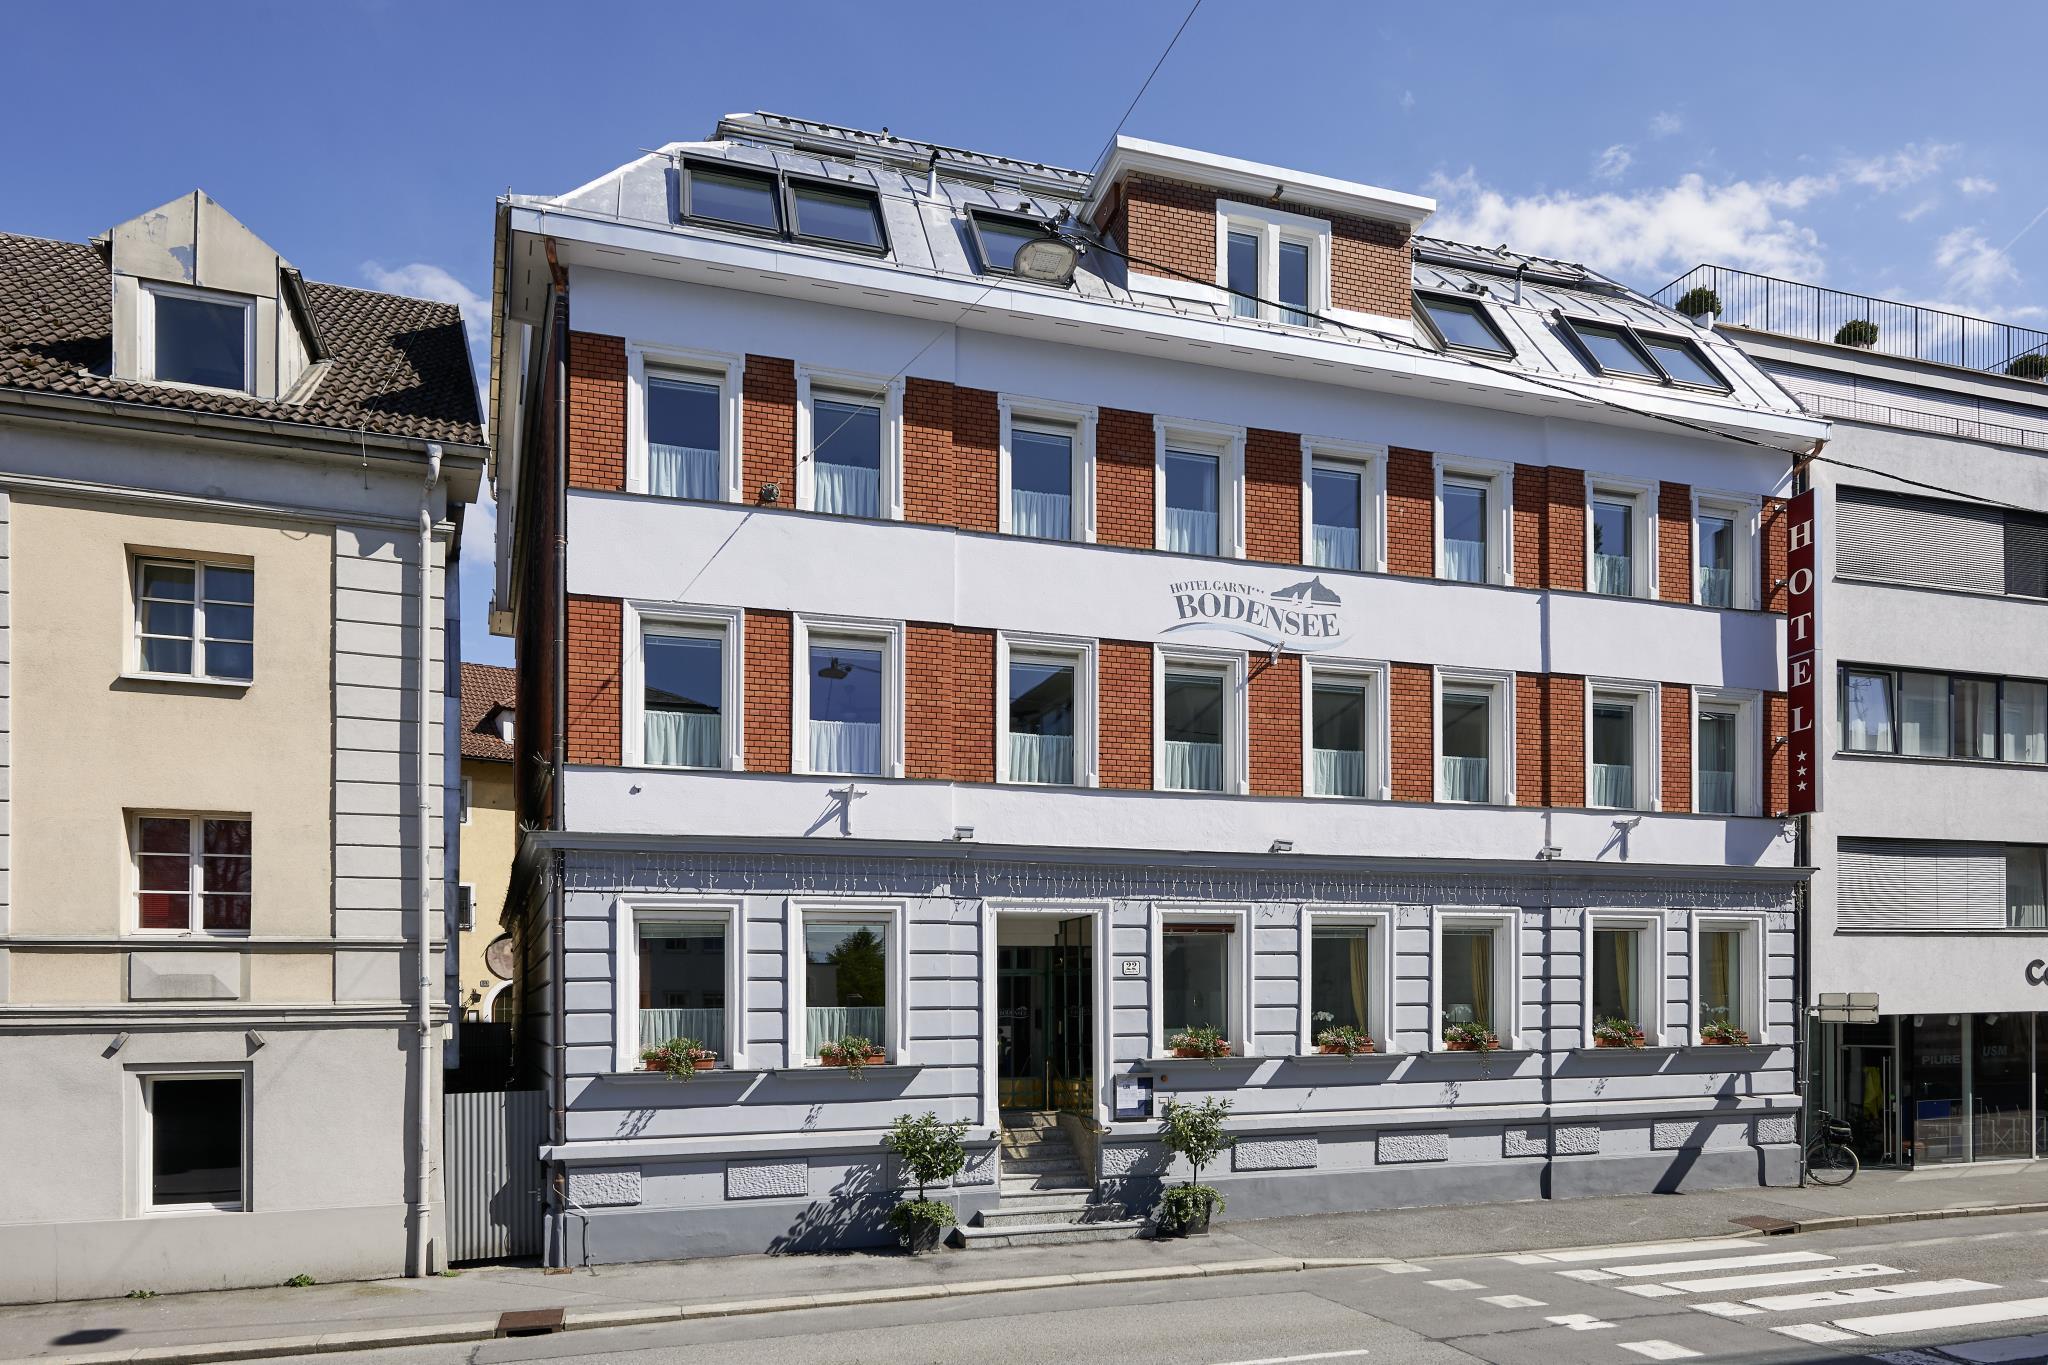 Hotel Bodensee, Bregenz